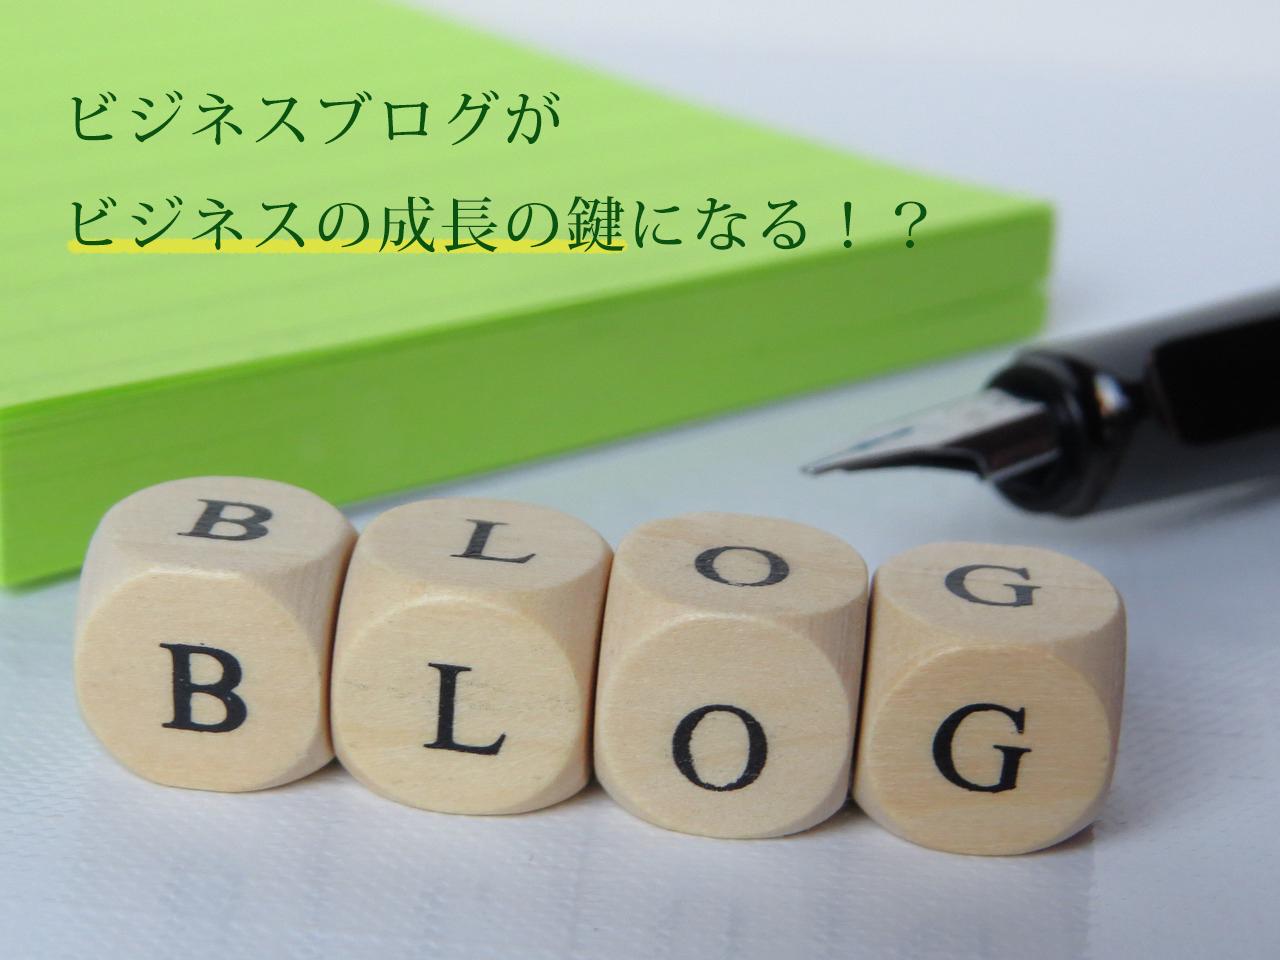 ビジネスブログがビジネスの成長の鍵になる!?